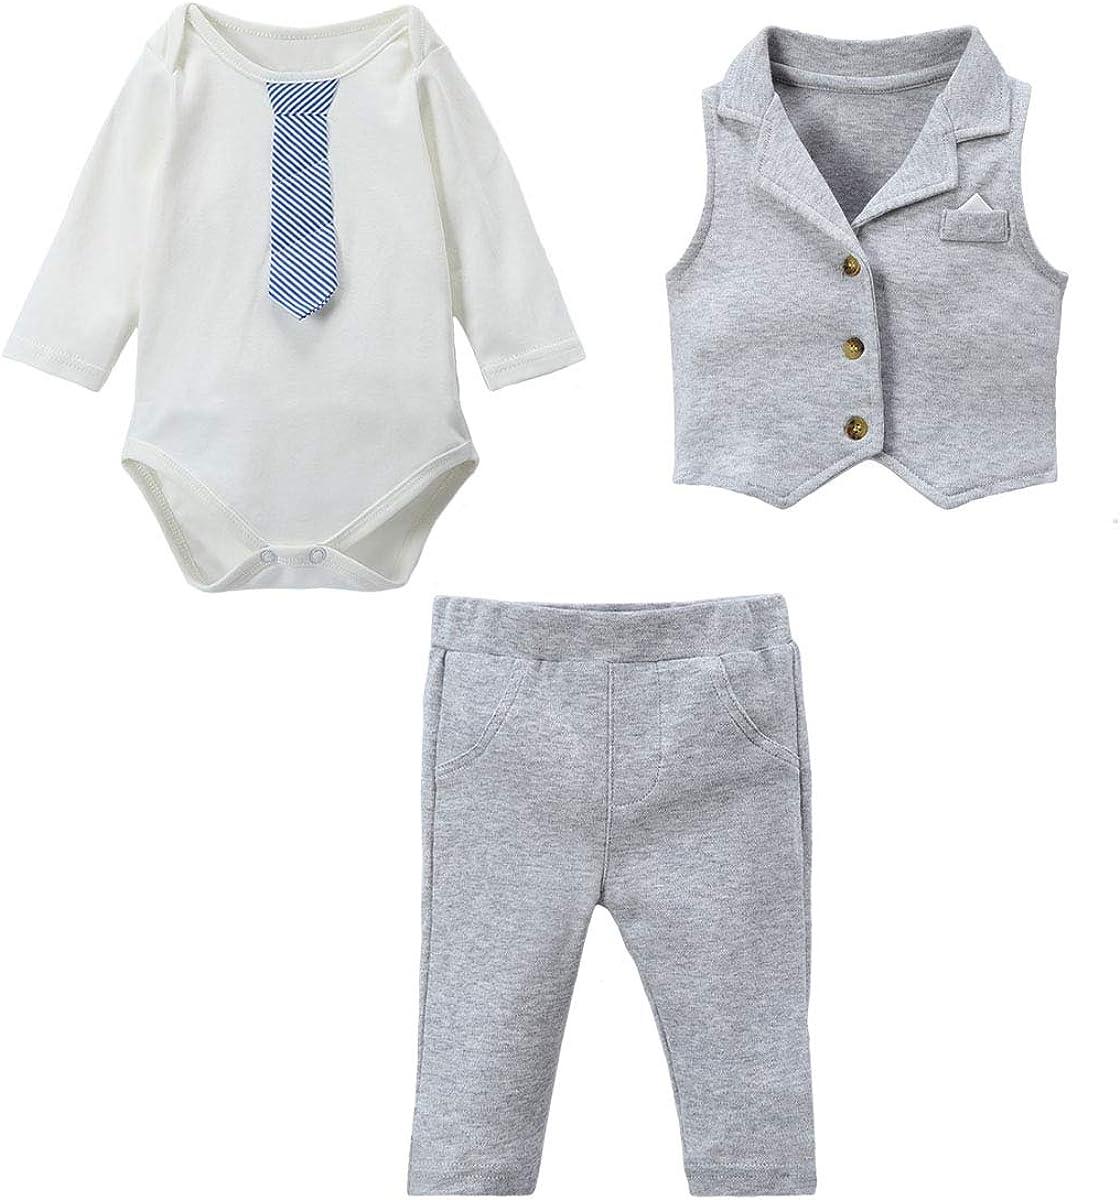 Famuka Baby Junge Anzug Baby Sakkos Taufe Hochzeit Babybekleidung Set